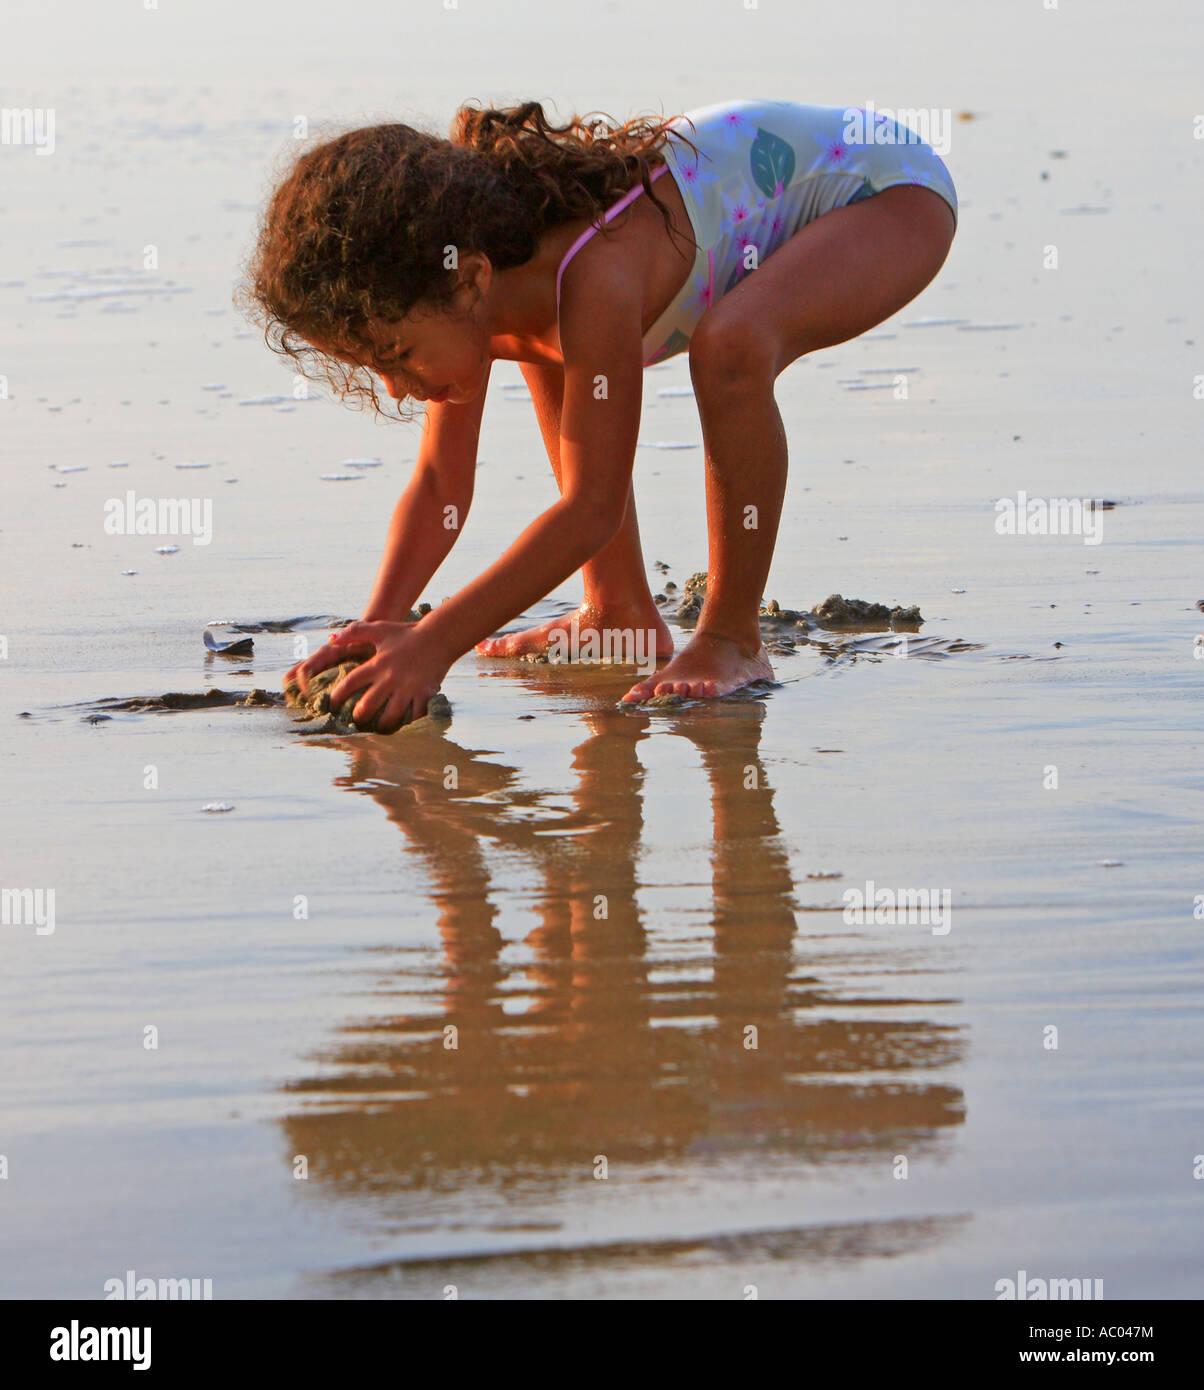 Junge Madchen Spielen In Der Sand Hunington Beach Pier Orange County California Vereinigte